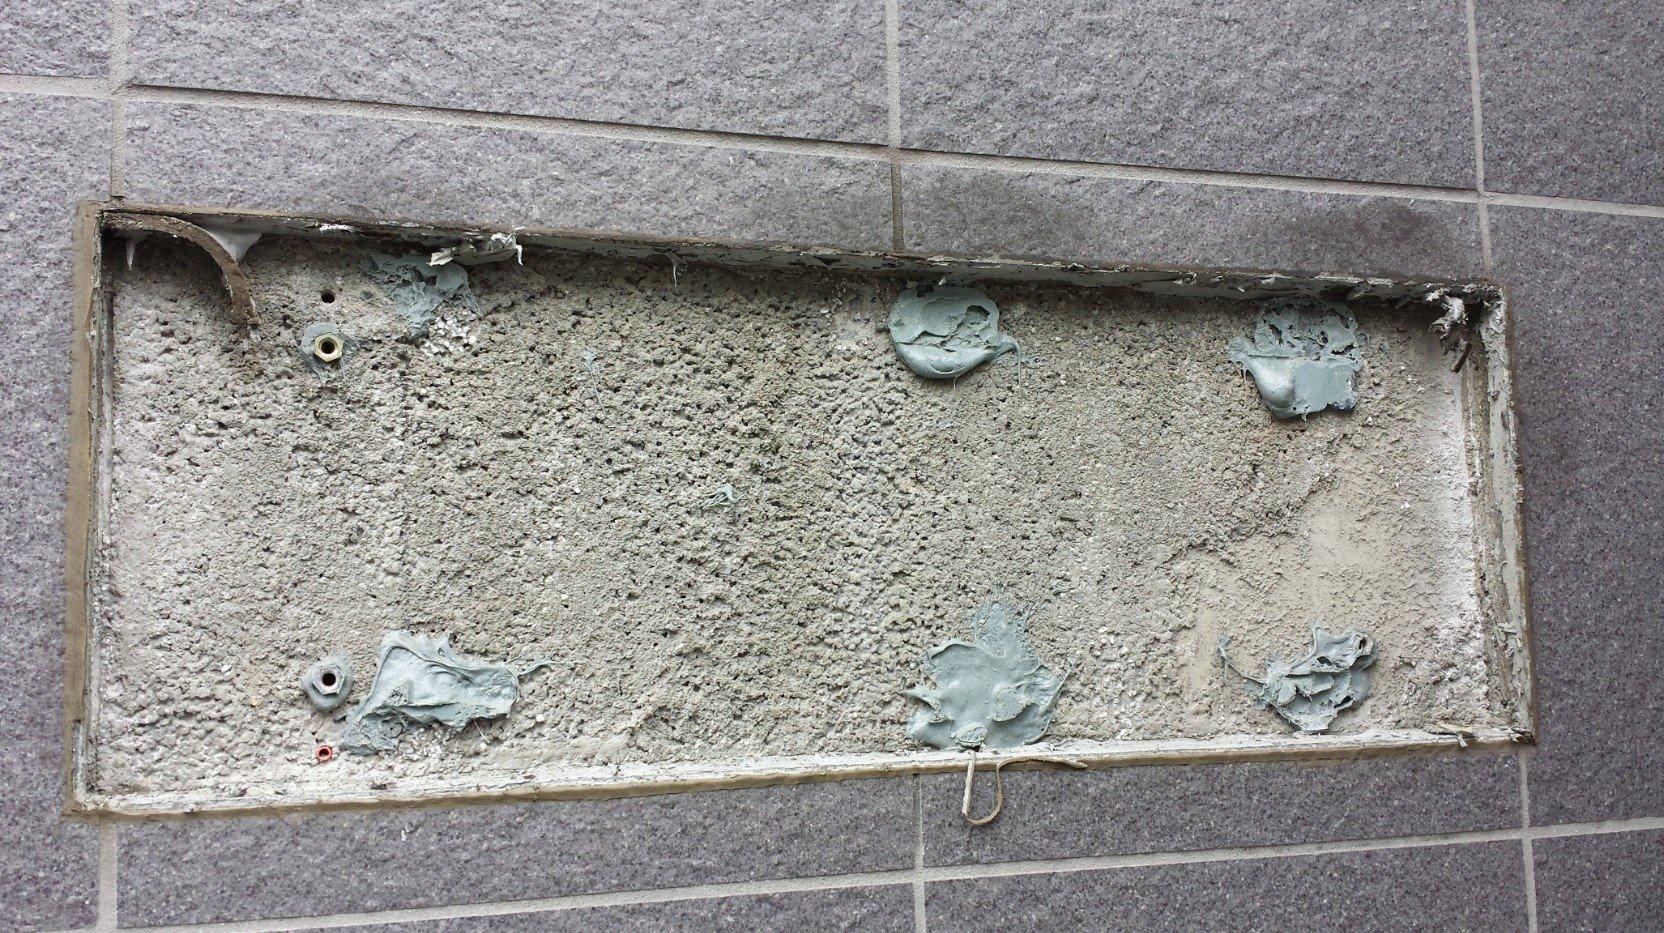 銅製の事務所看板が撤去されました。